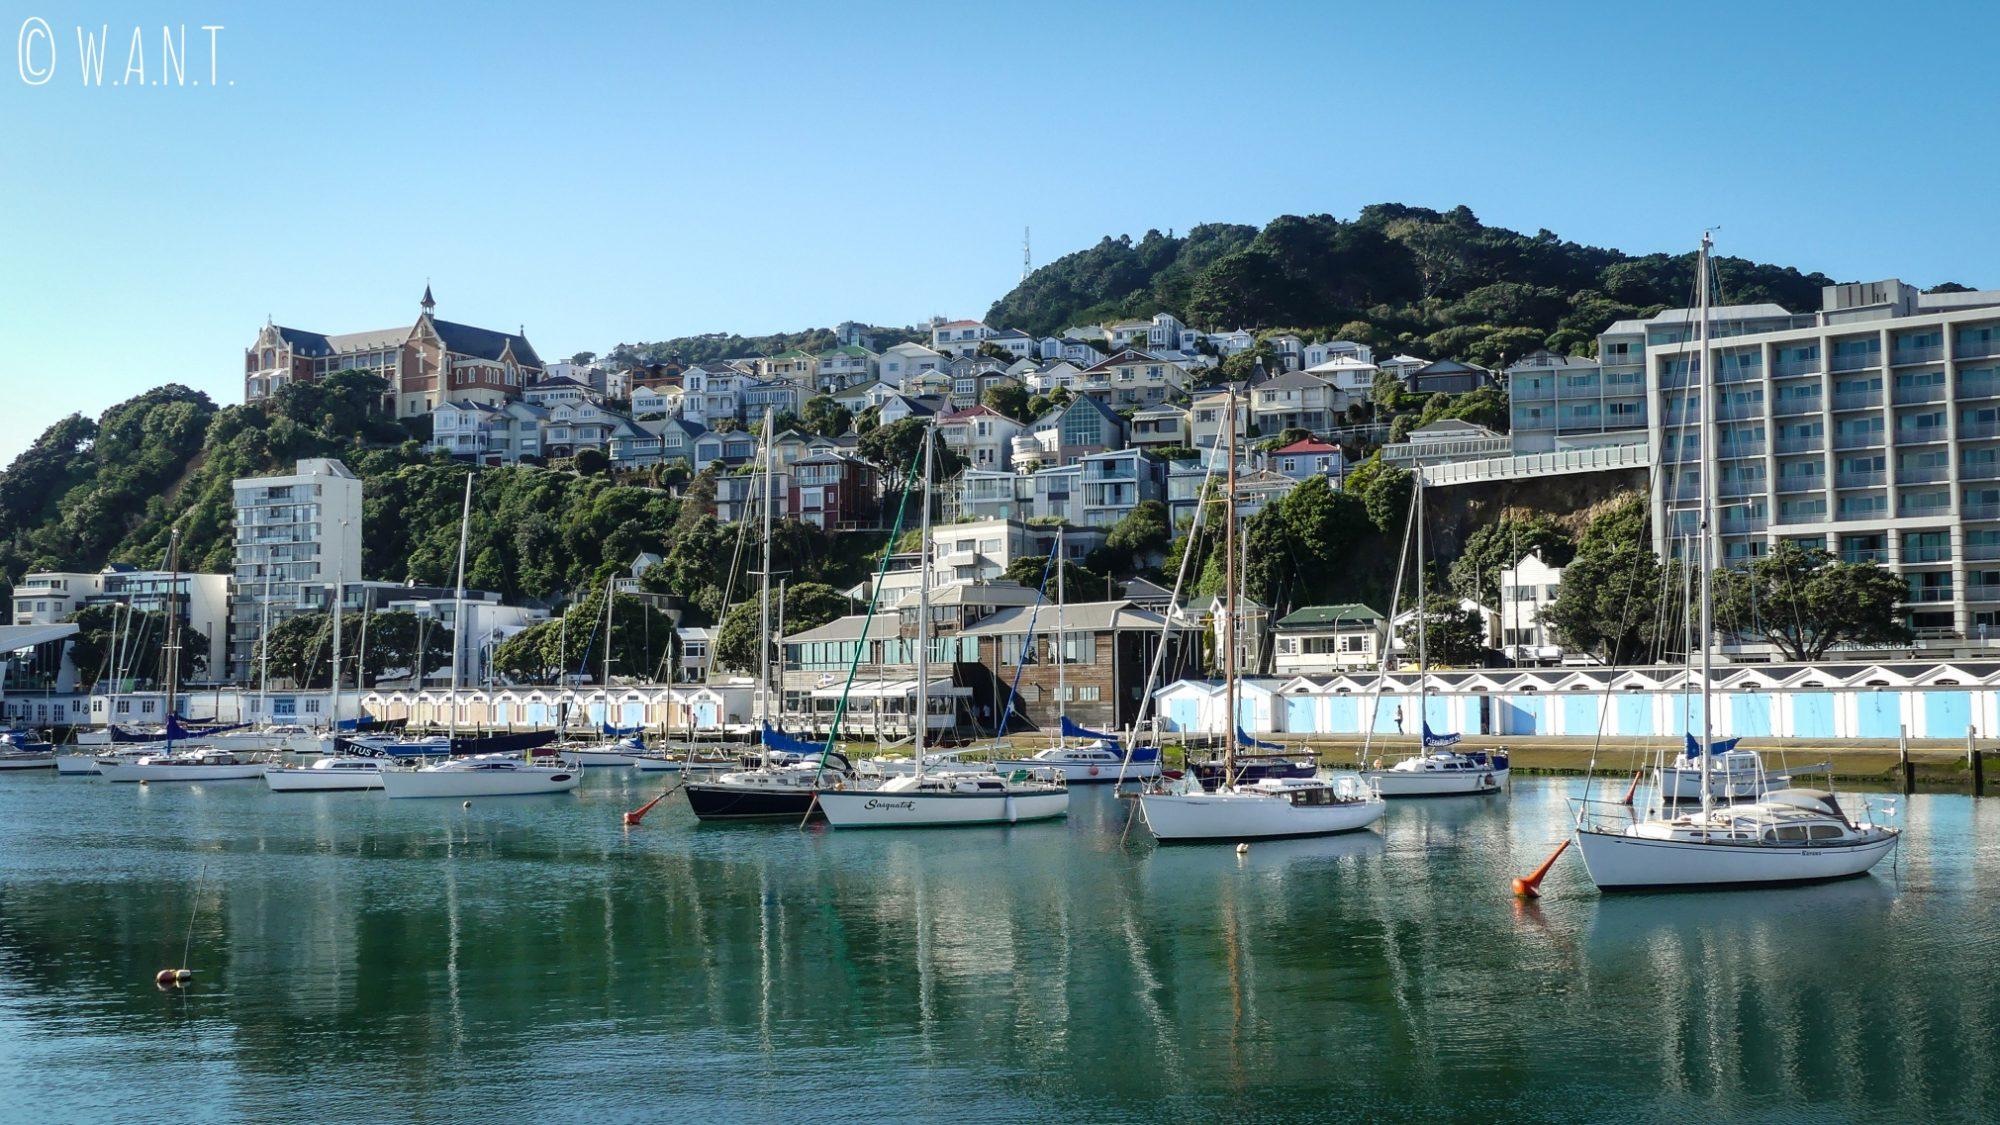 Vue superbe sur le port de plaisance de Wellington